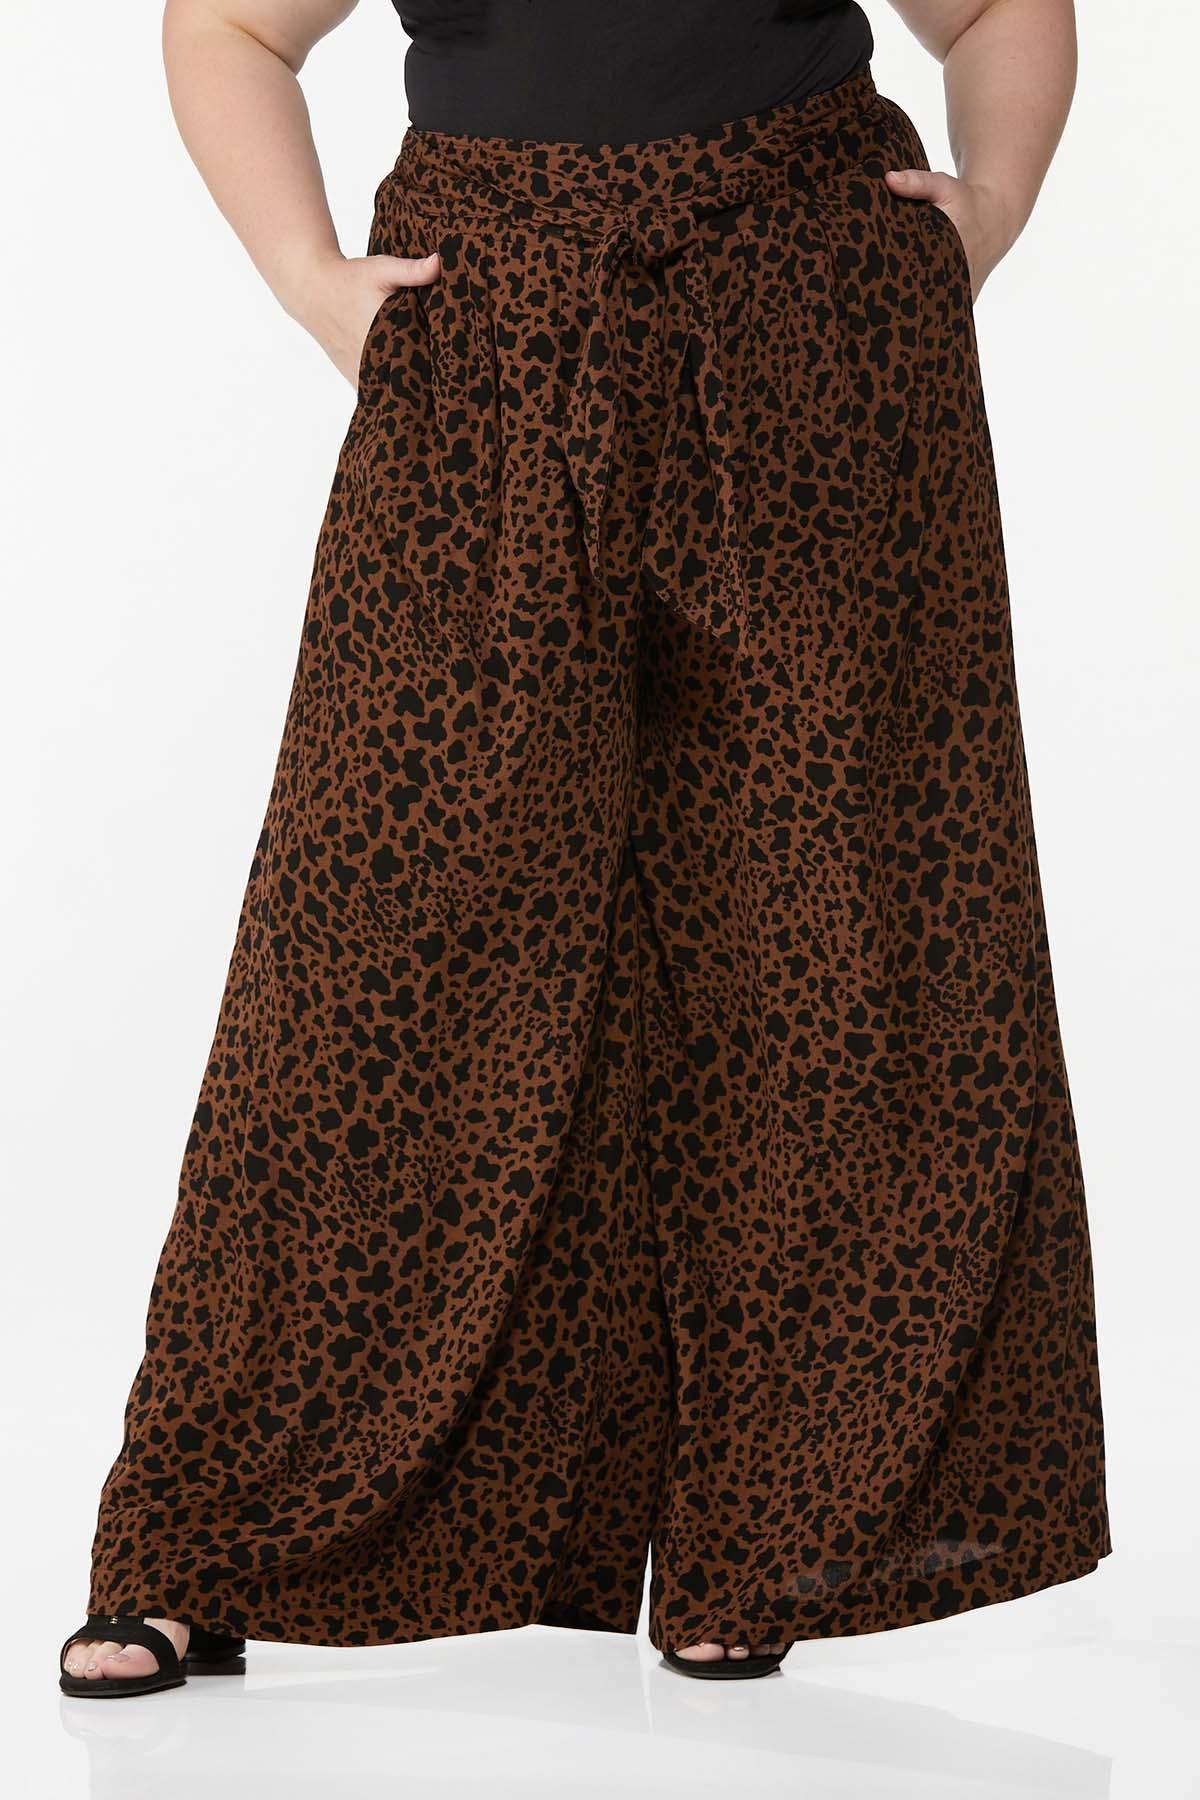 Plus Size Leopard Wide Leg Pants